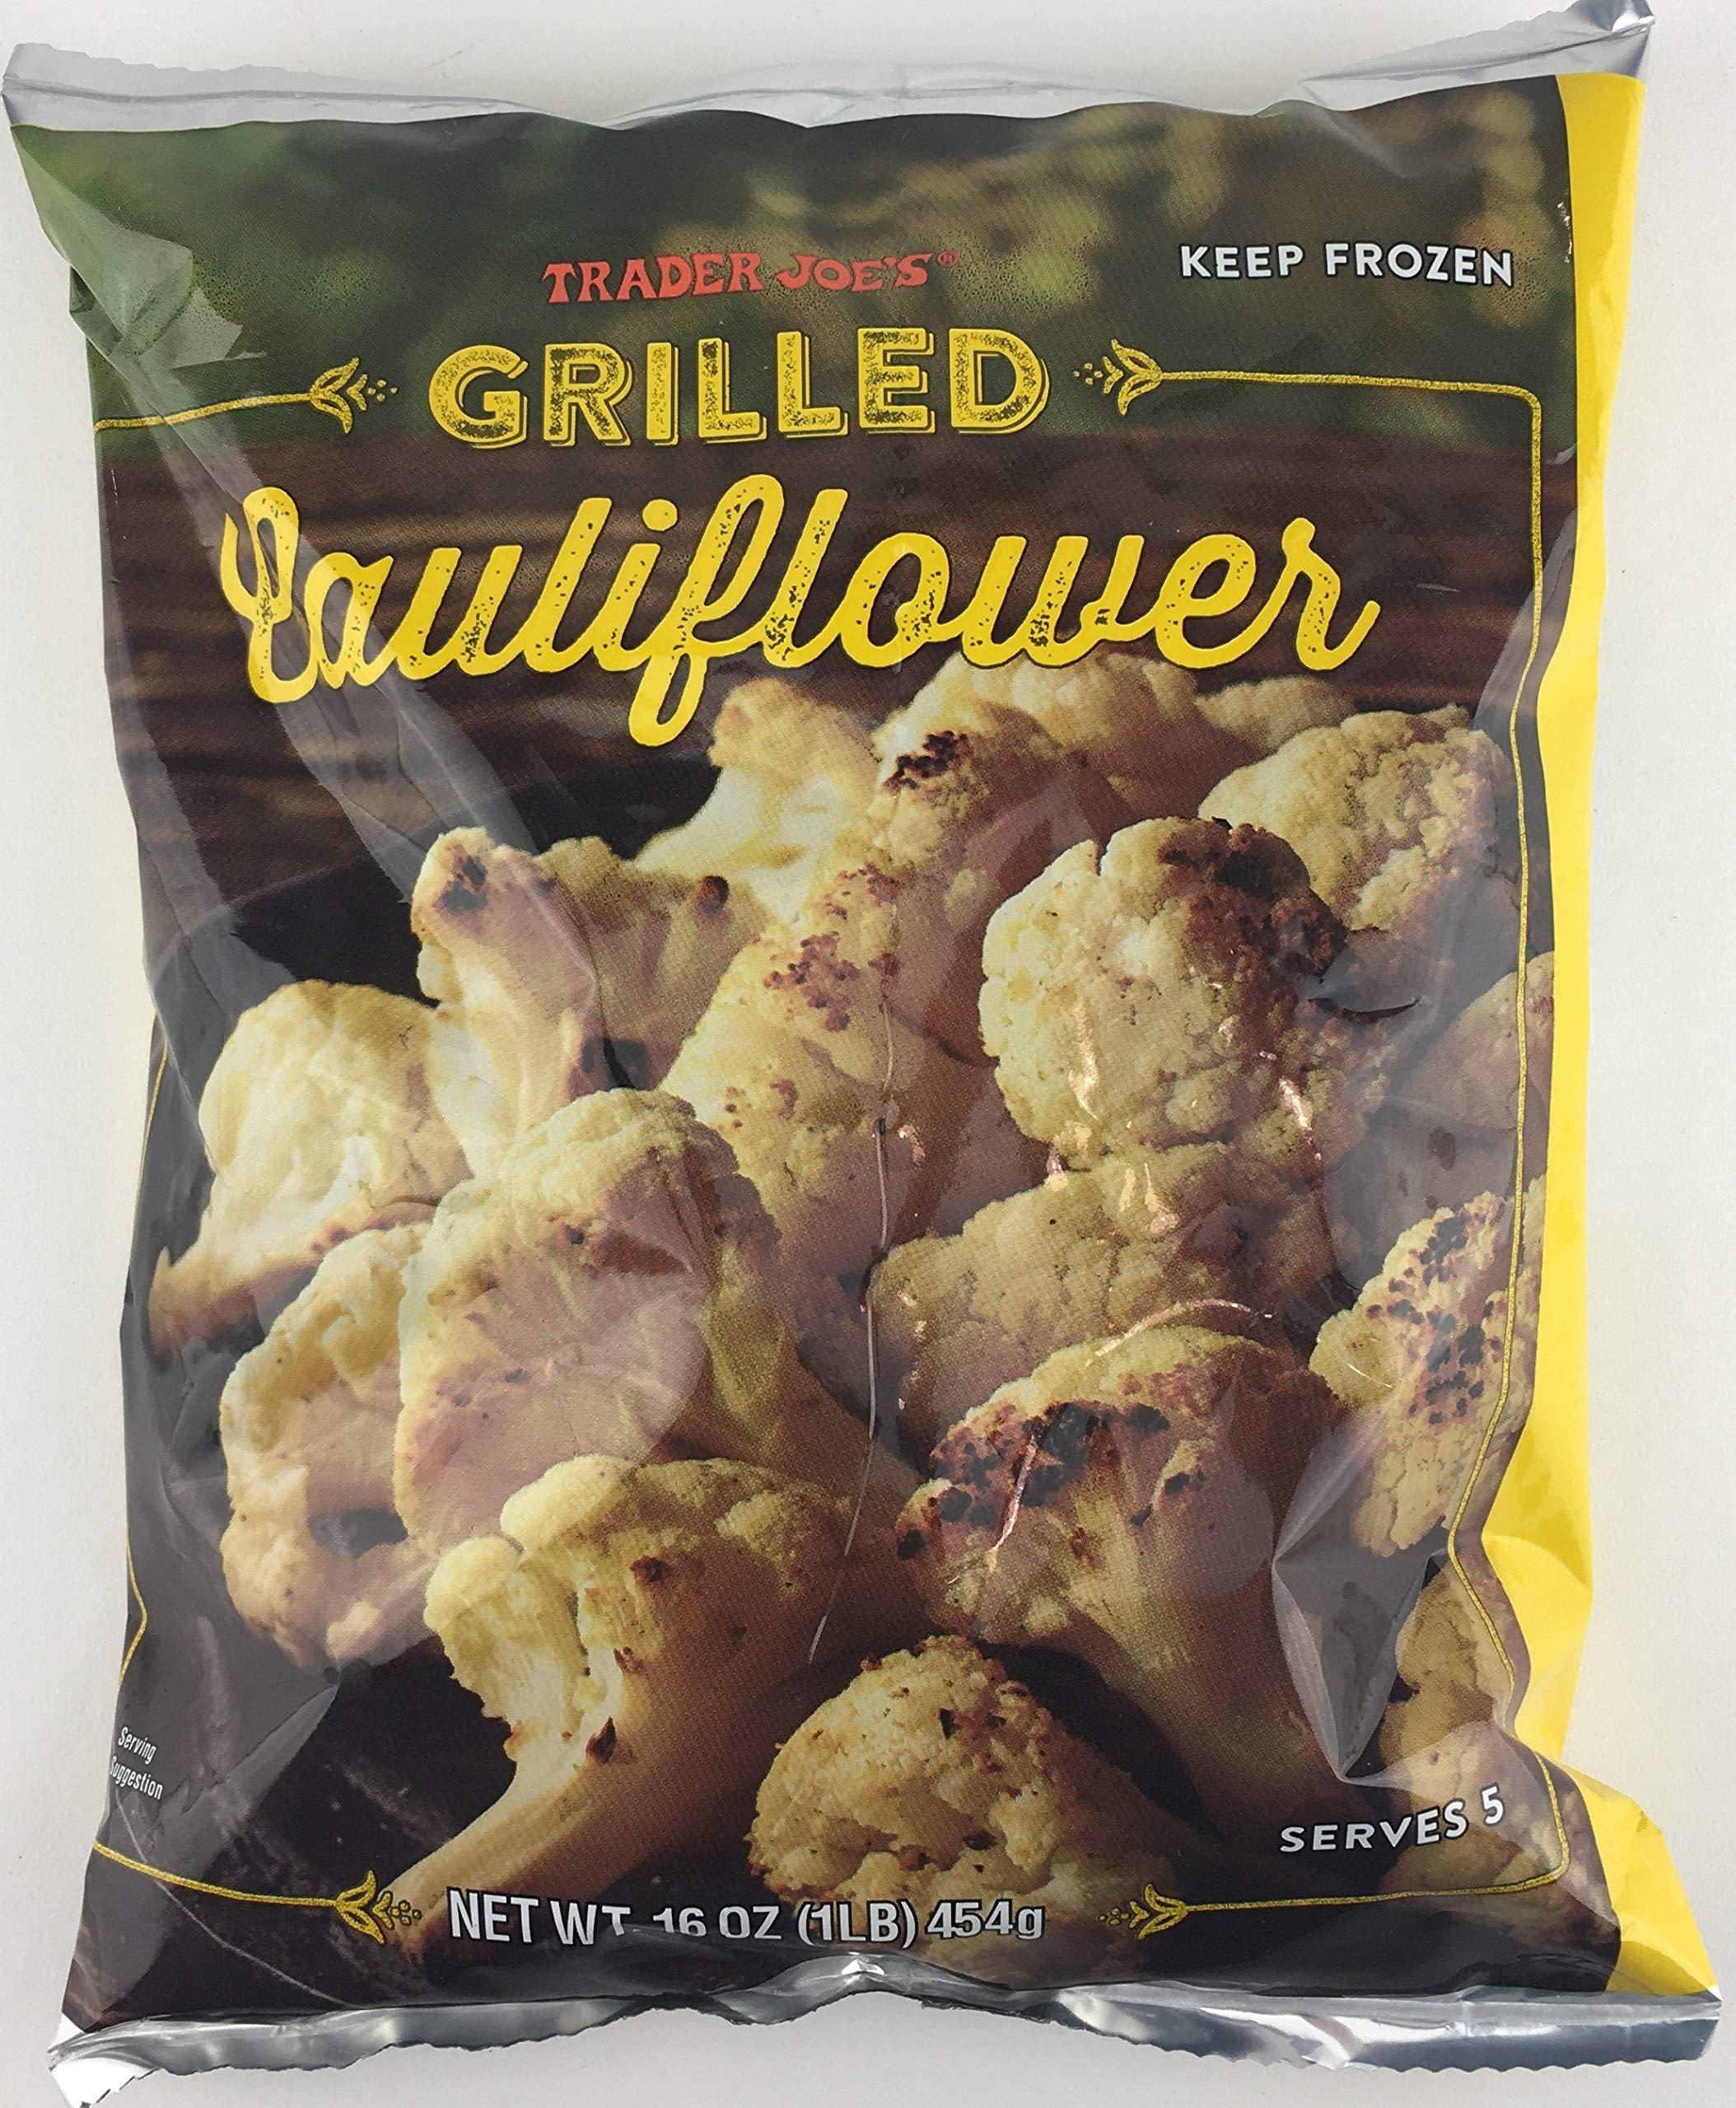 Trader Joe's Grilled Cauliflower (4 Pack)